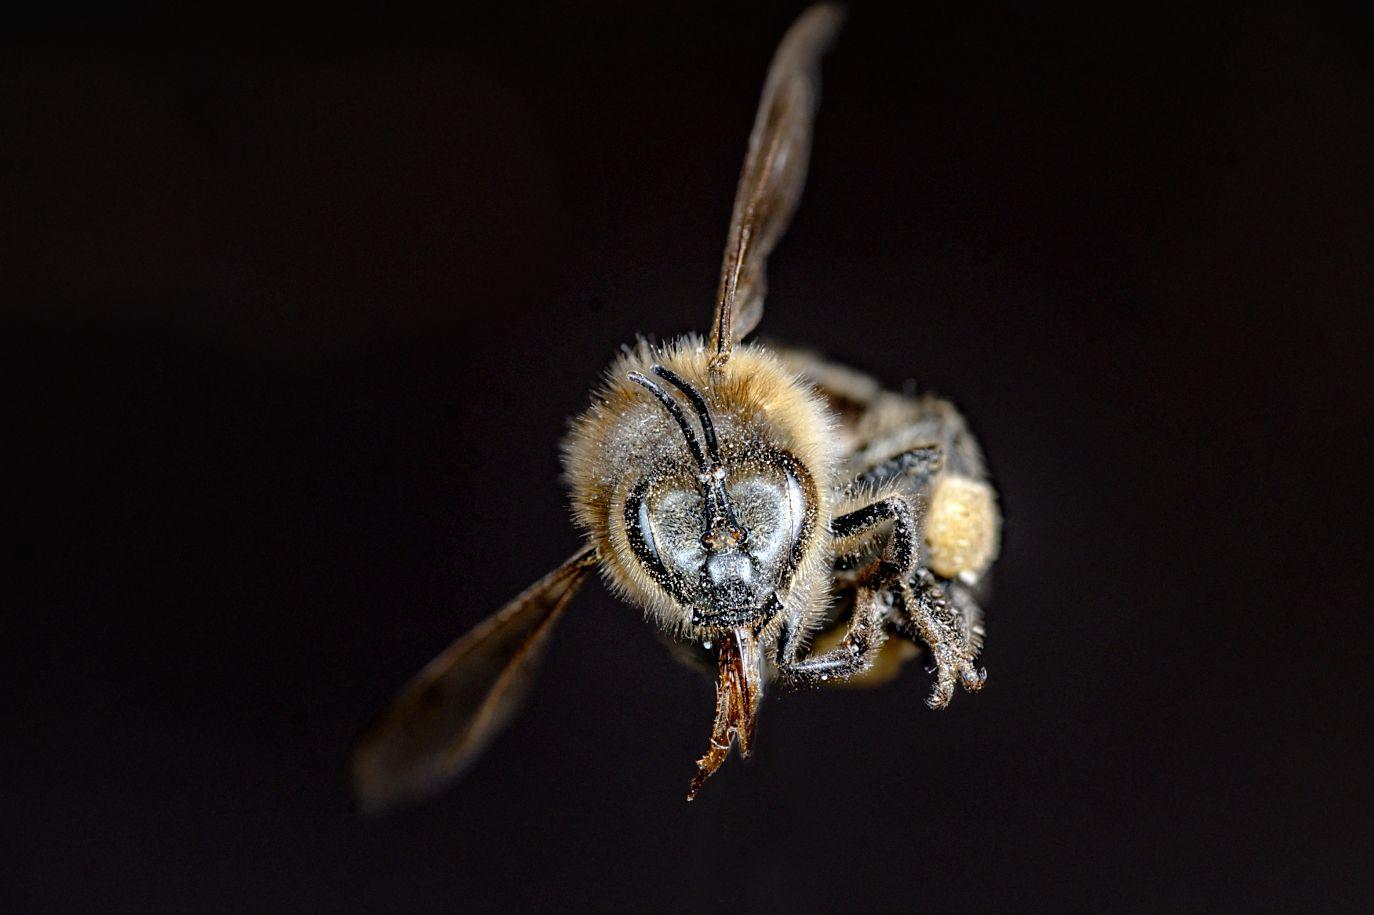 Příslušenství k makrofotografii, včela